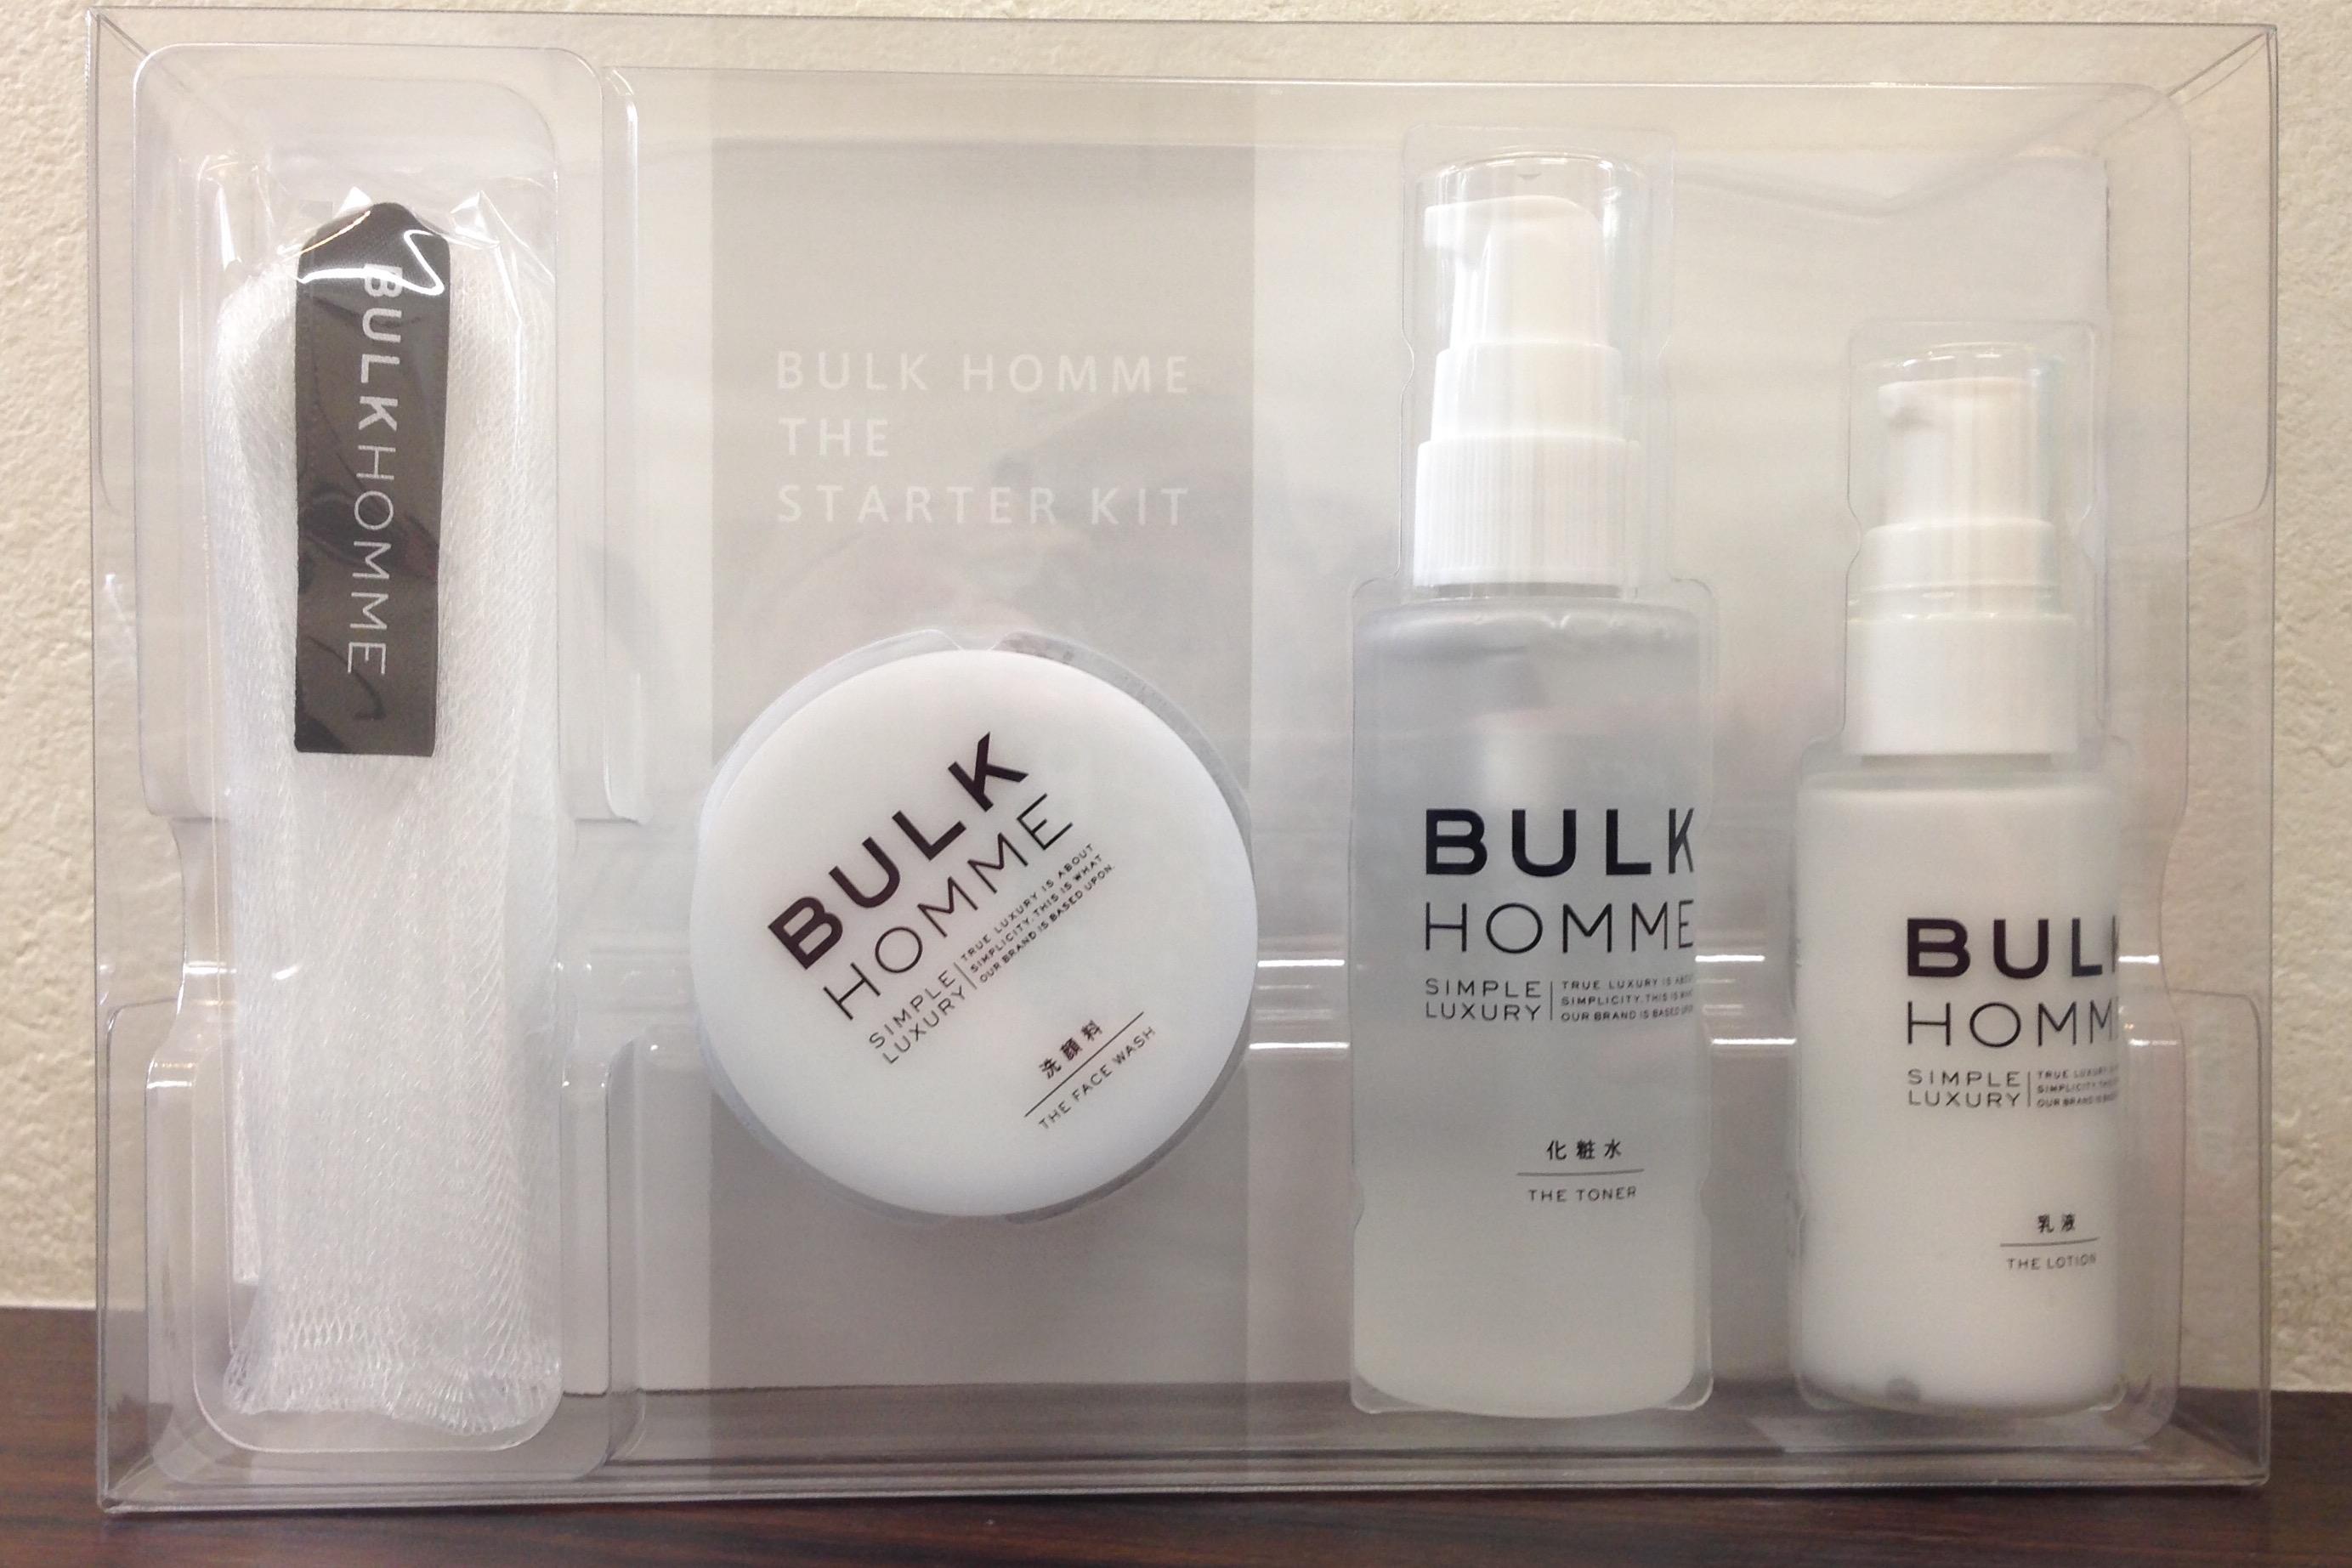 BULK HOMME スターターキット販売中!!